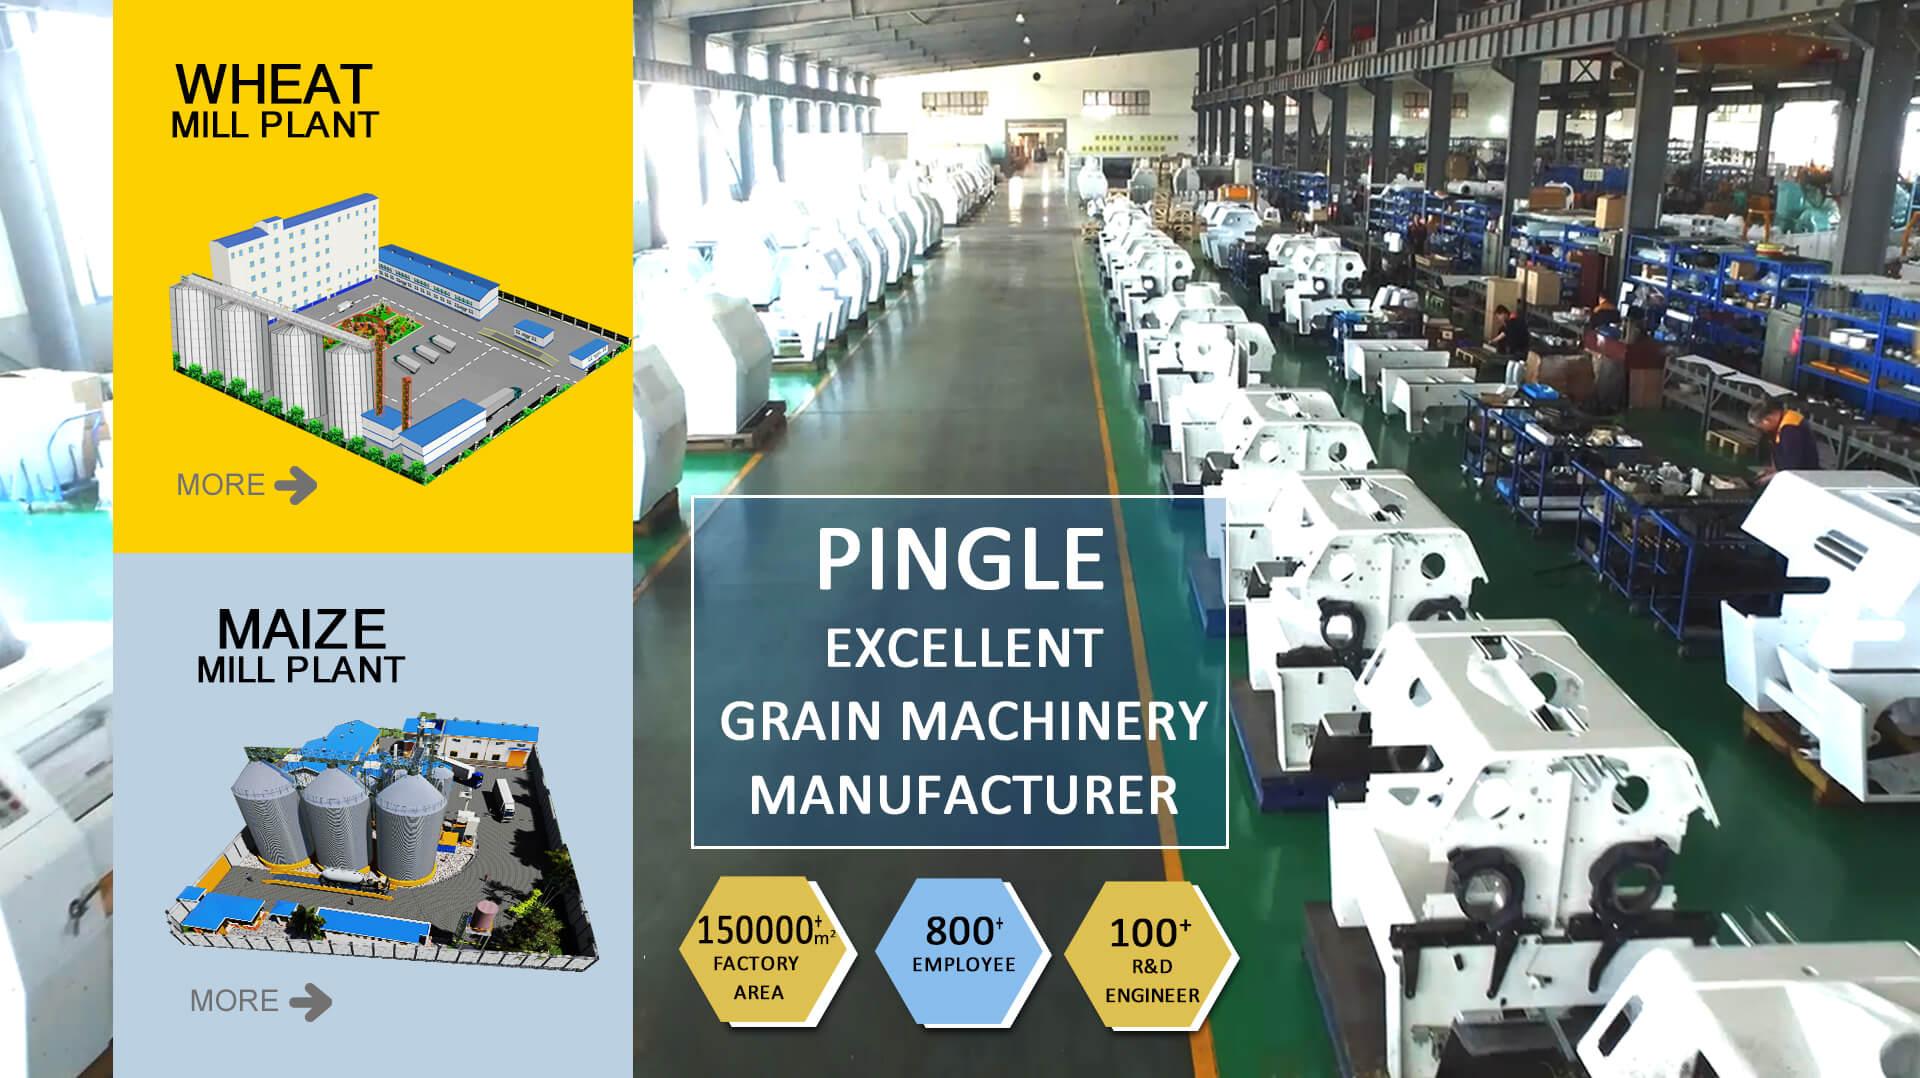 Pingle Excellent fabricant de machines à grains